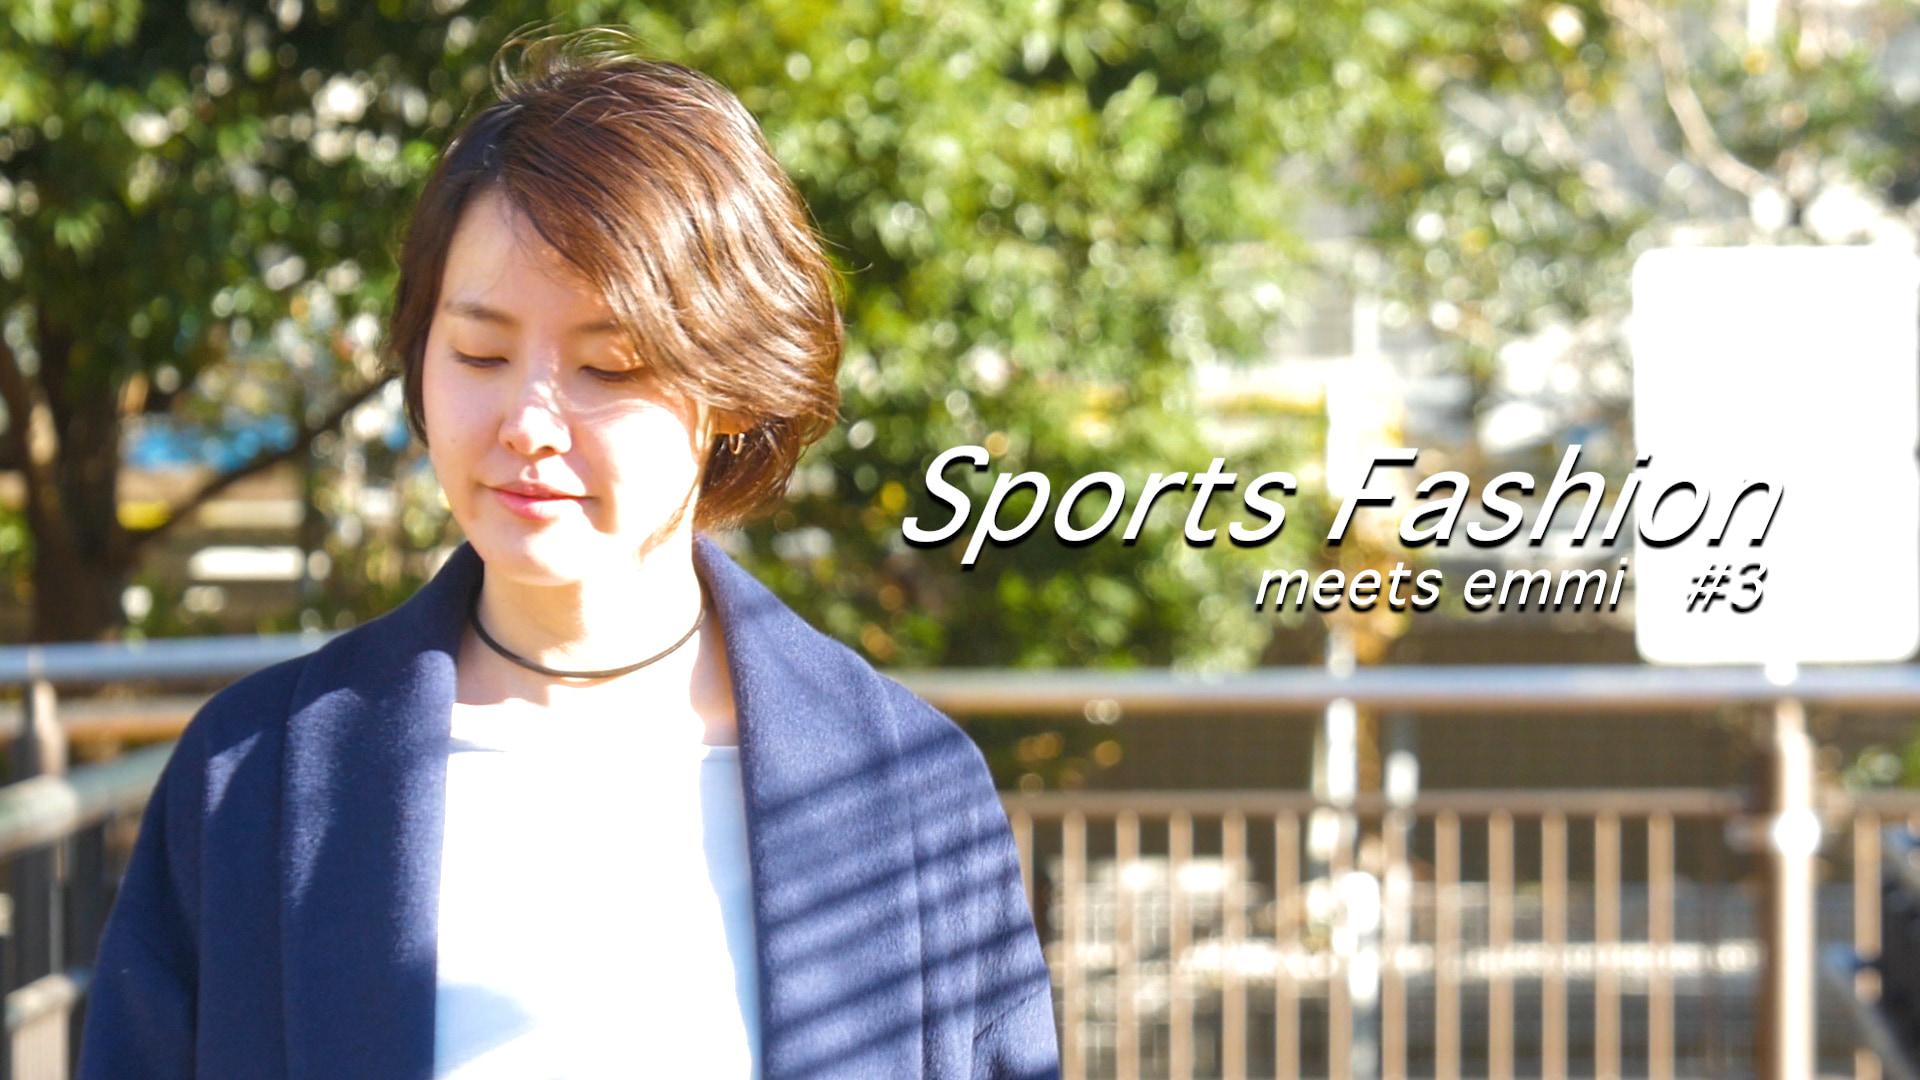 #3 アクティブなライフスタイルはSports mix Fashionでアップグレード!=カフェ編=